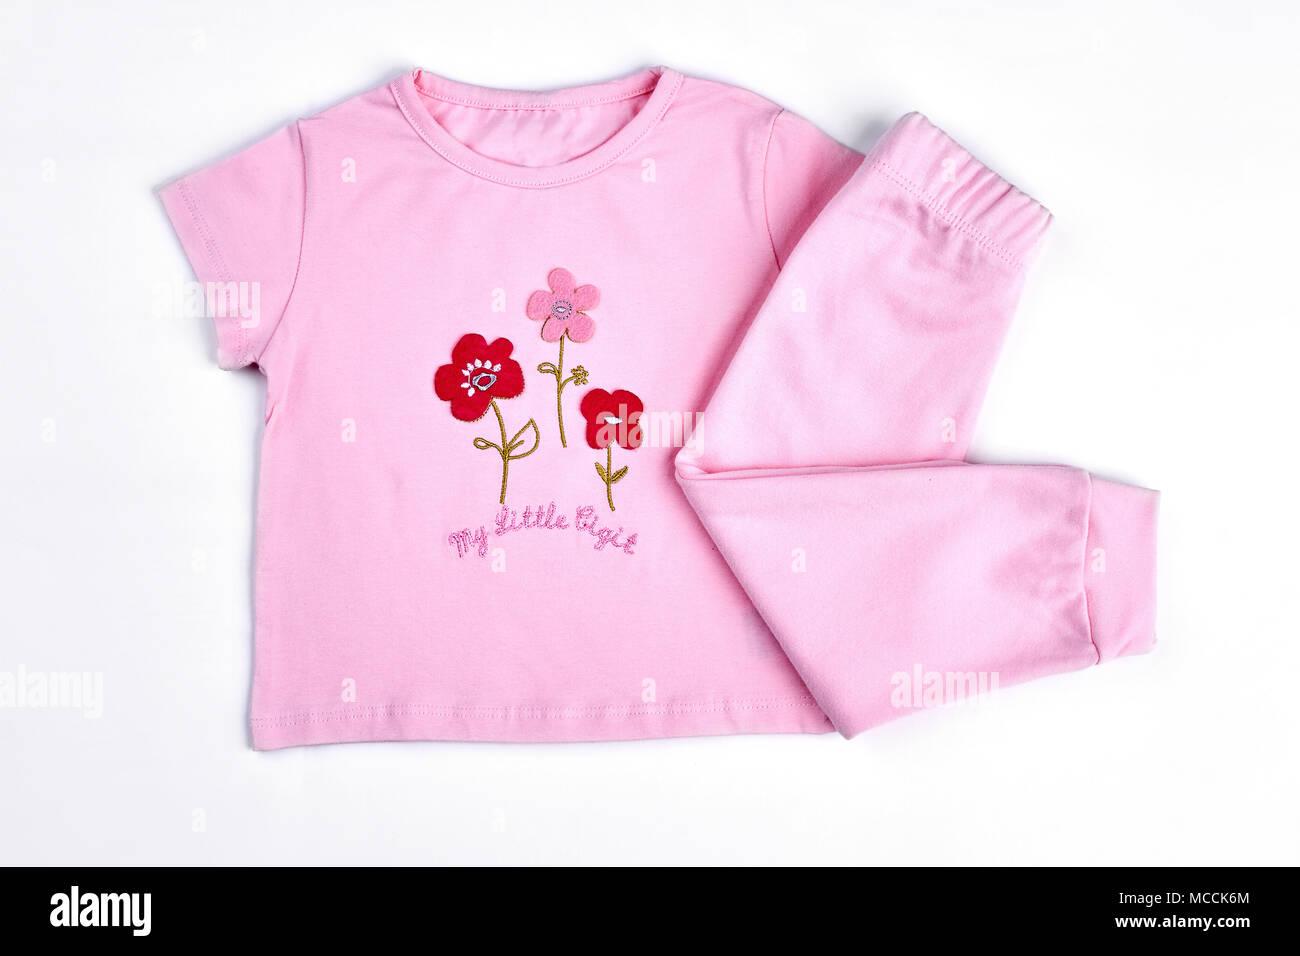 a24e311064ef1 Ensemble de beaux vêtements pour bébé-fille. Cartoon rose t-shirt et des  leggings pour bébé filles, fond blanc.